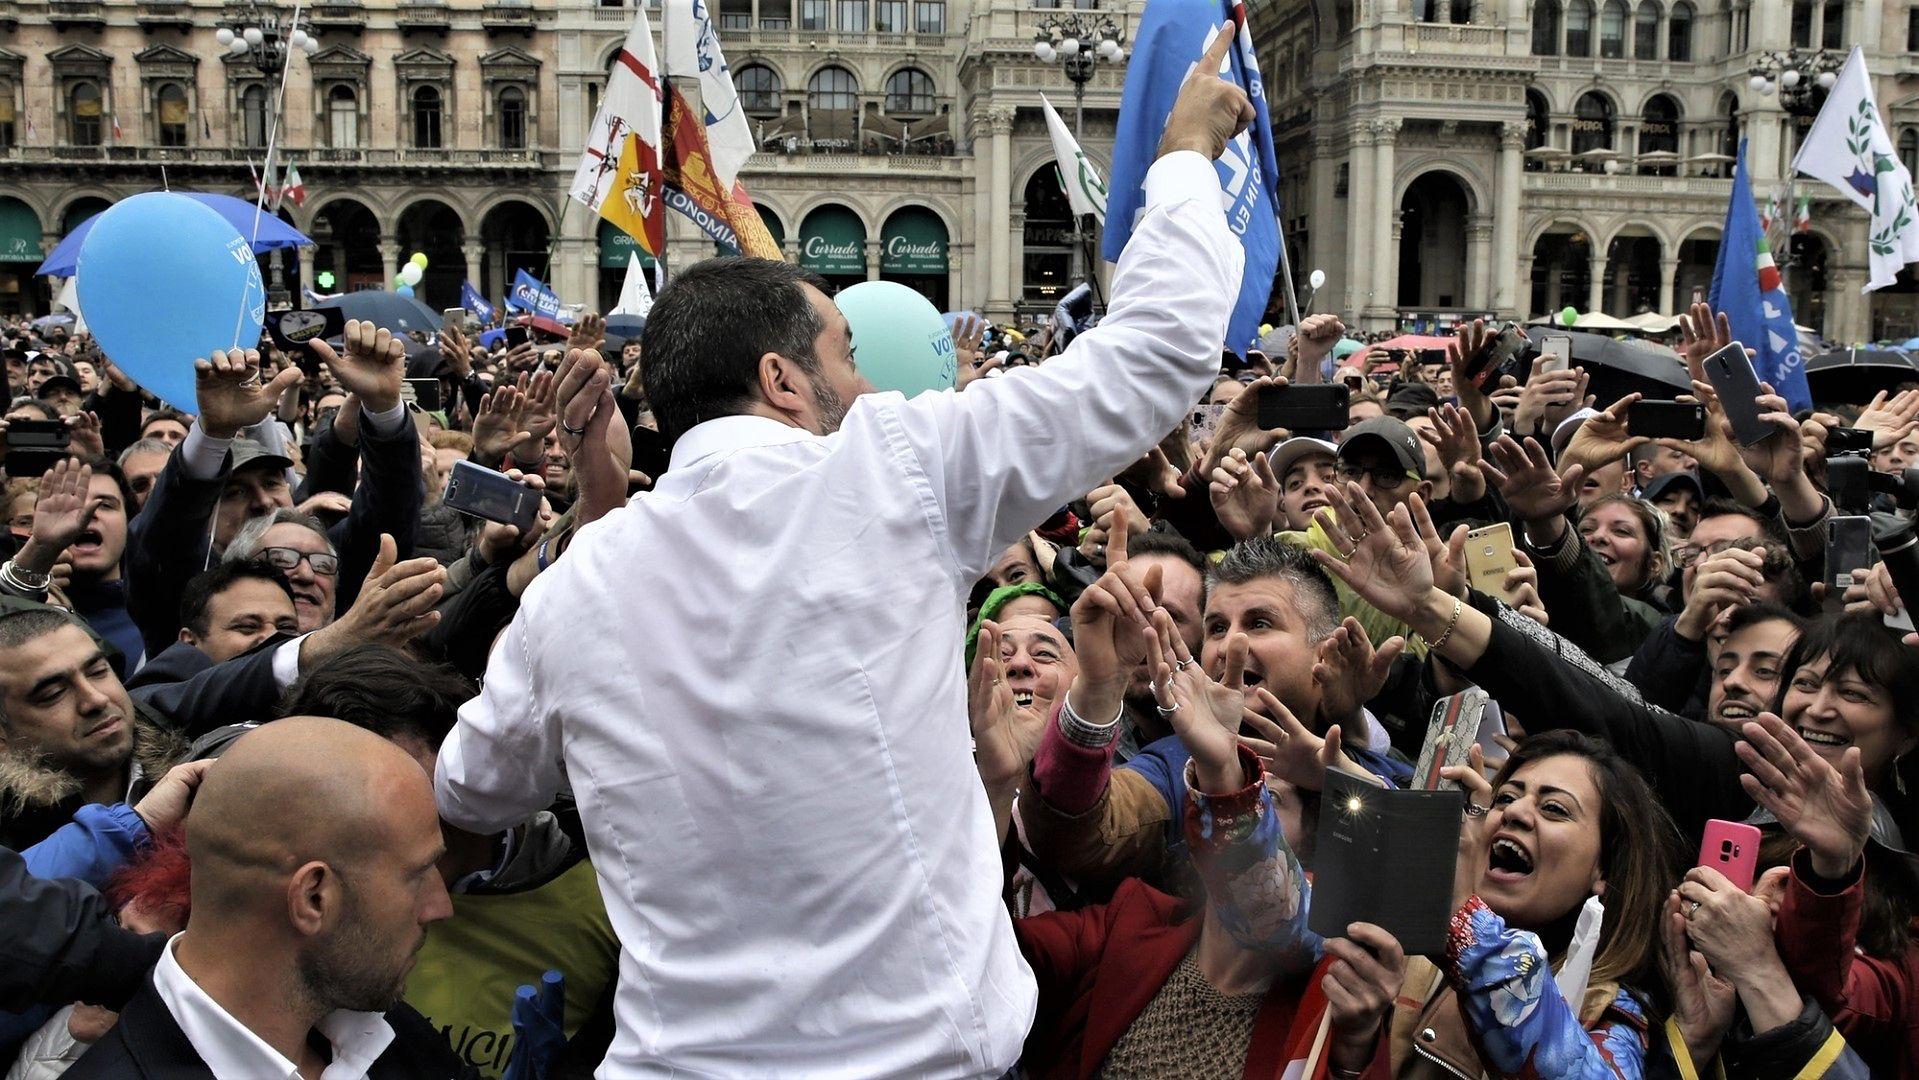 Lider Ligi Północnej Matteo Salvini, otoczony wielbicielami